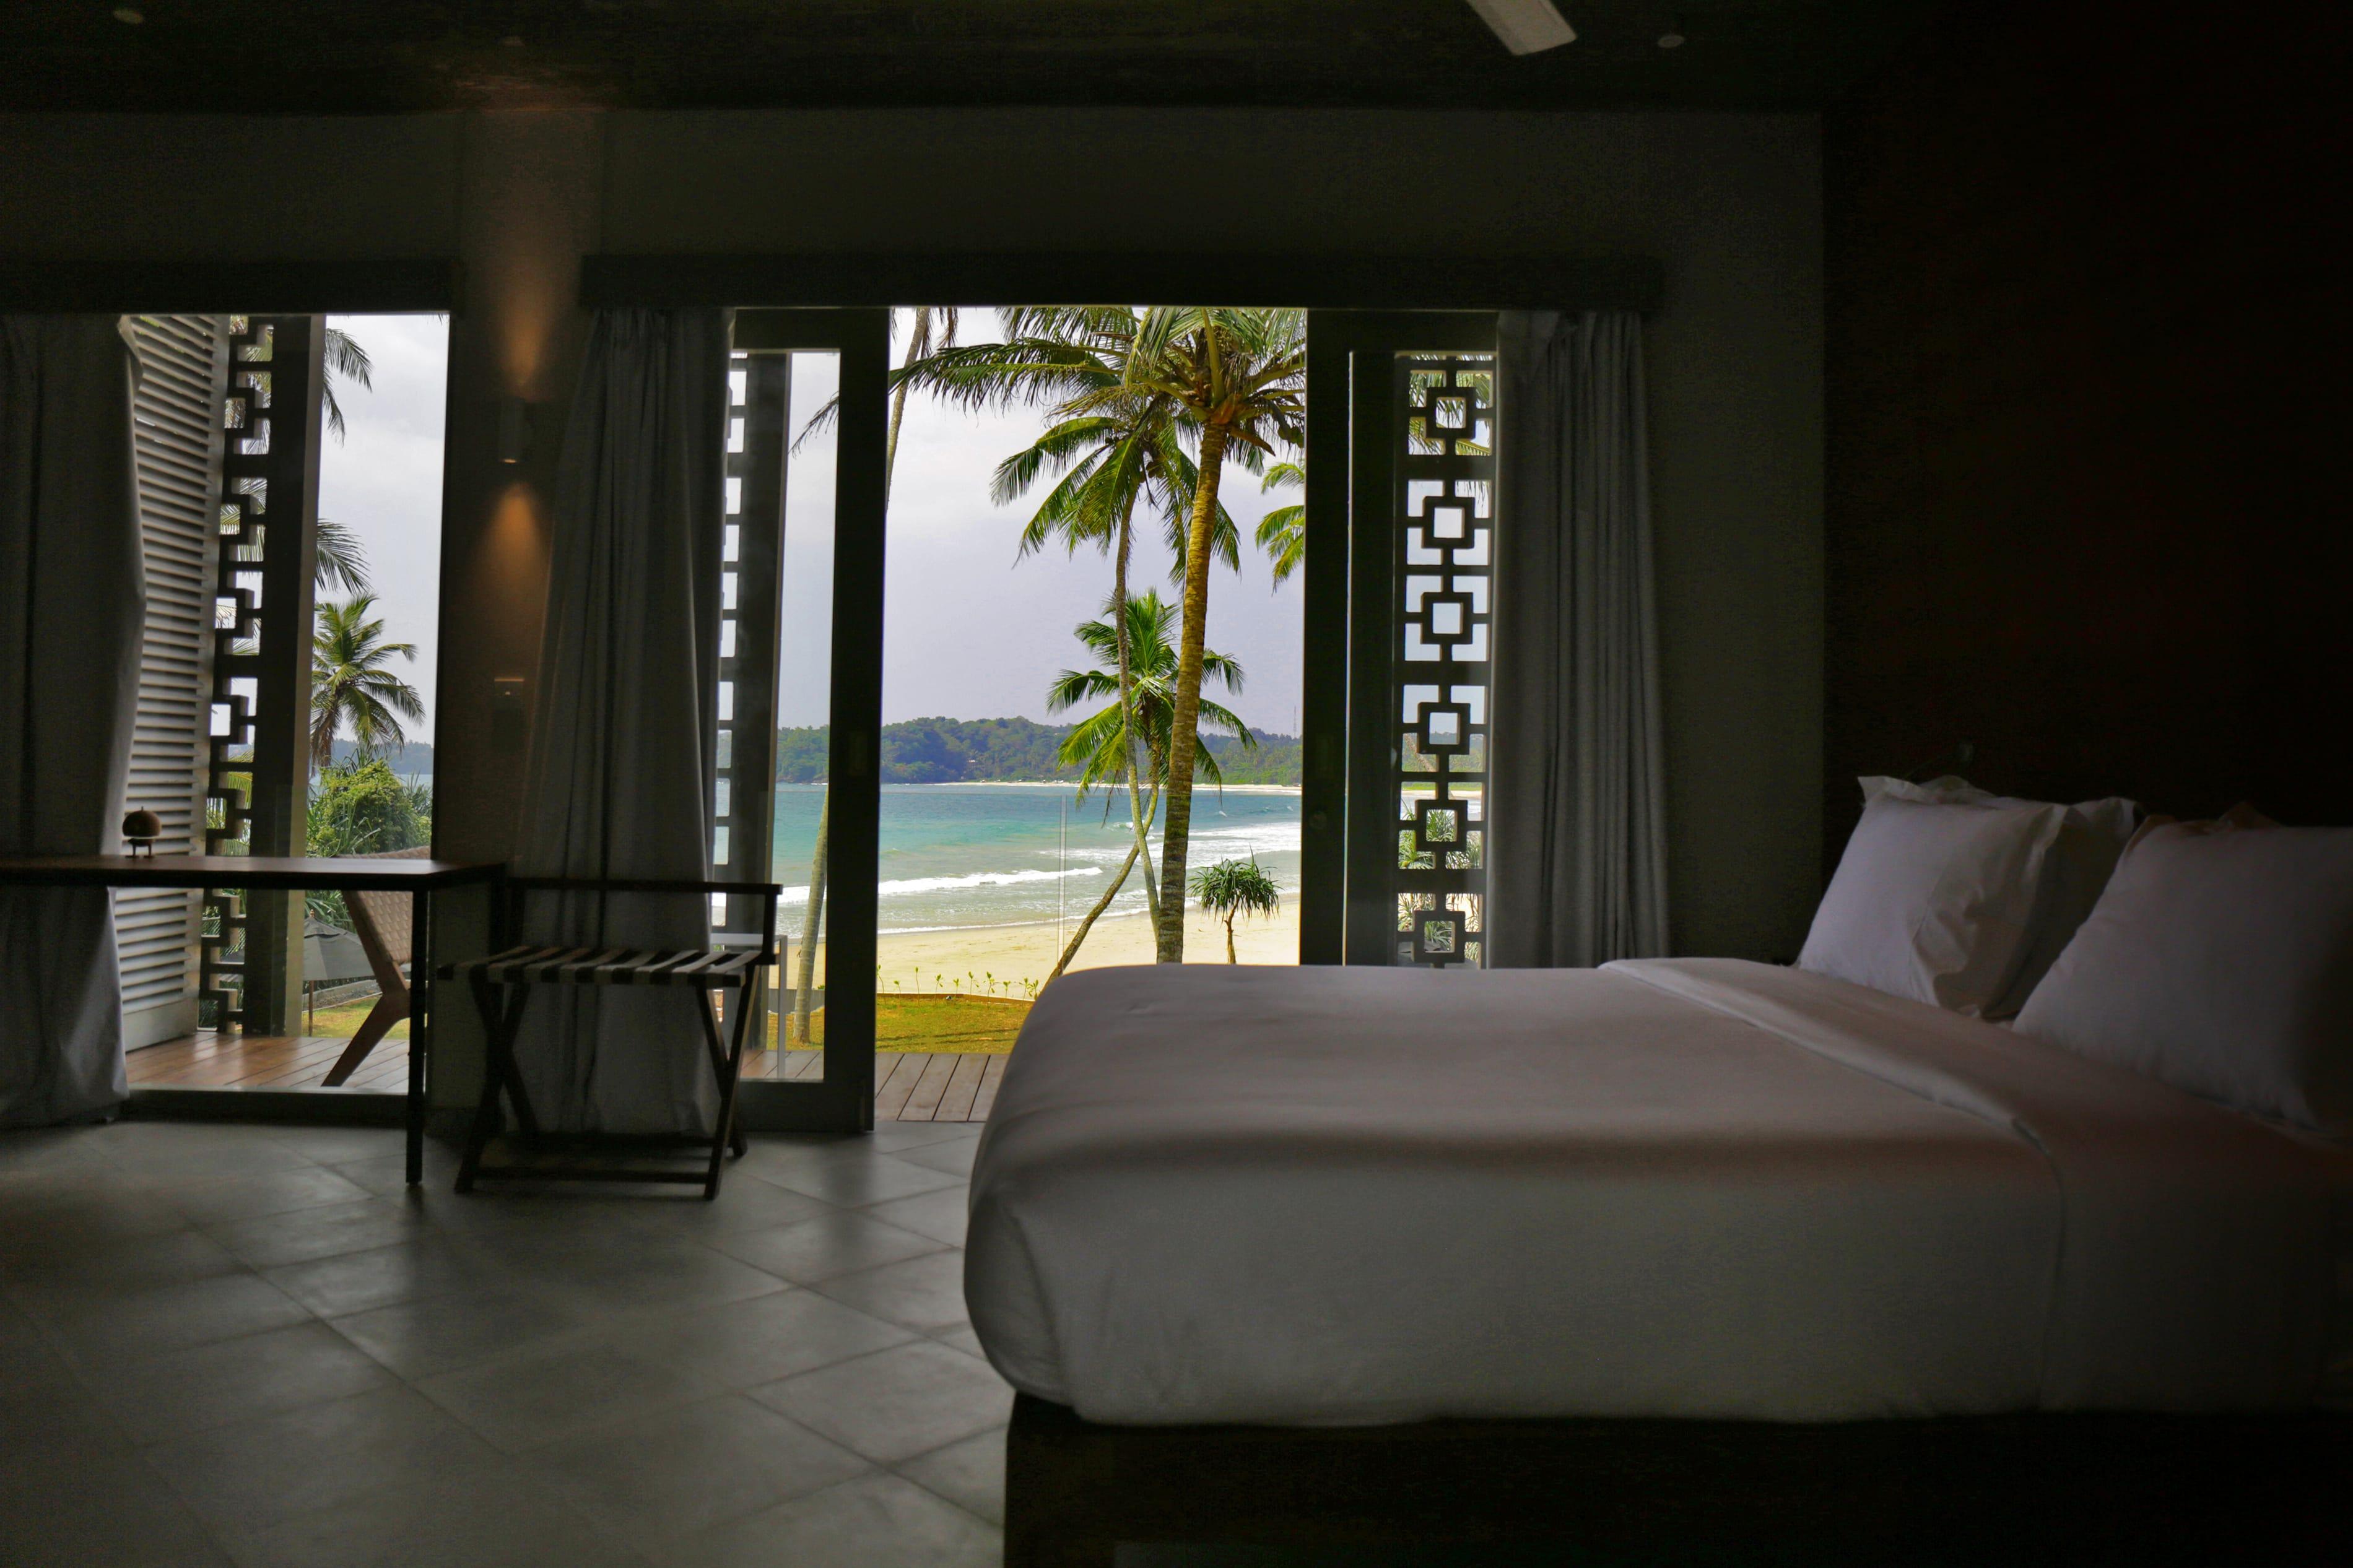 oceanfront-view-from-bedroom